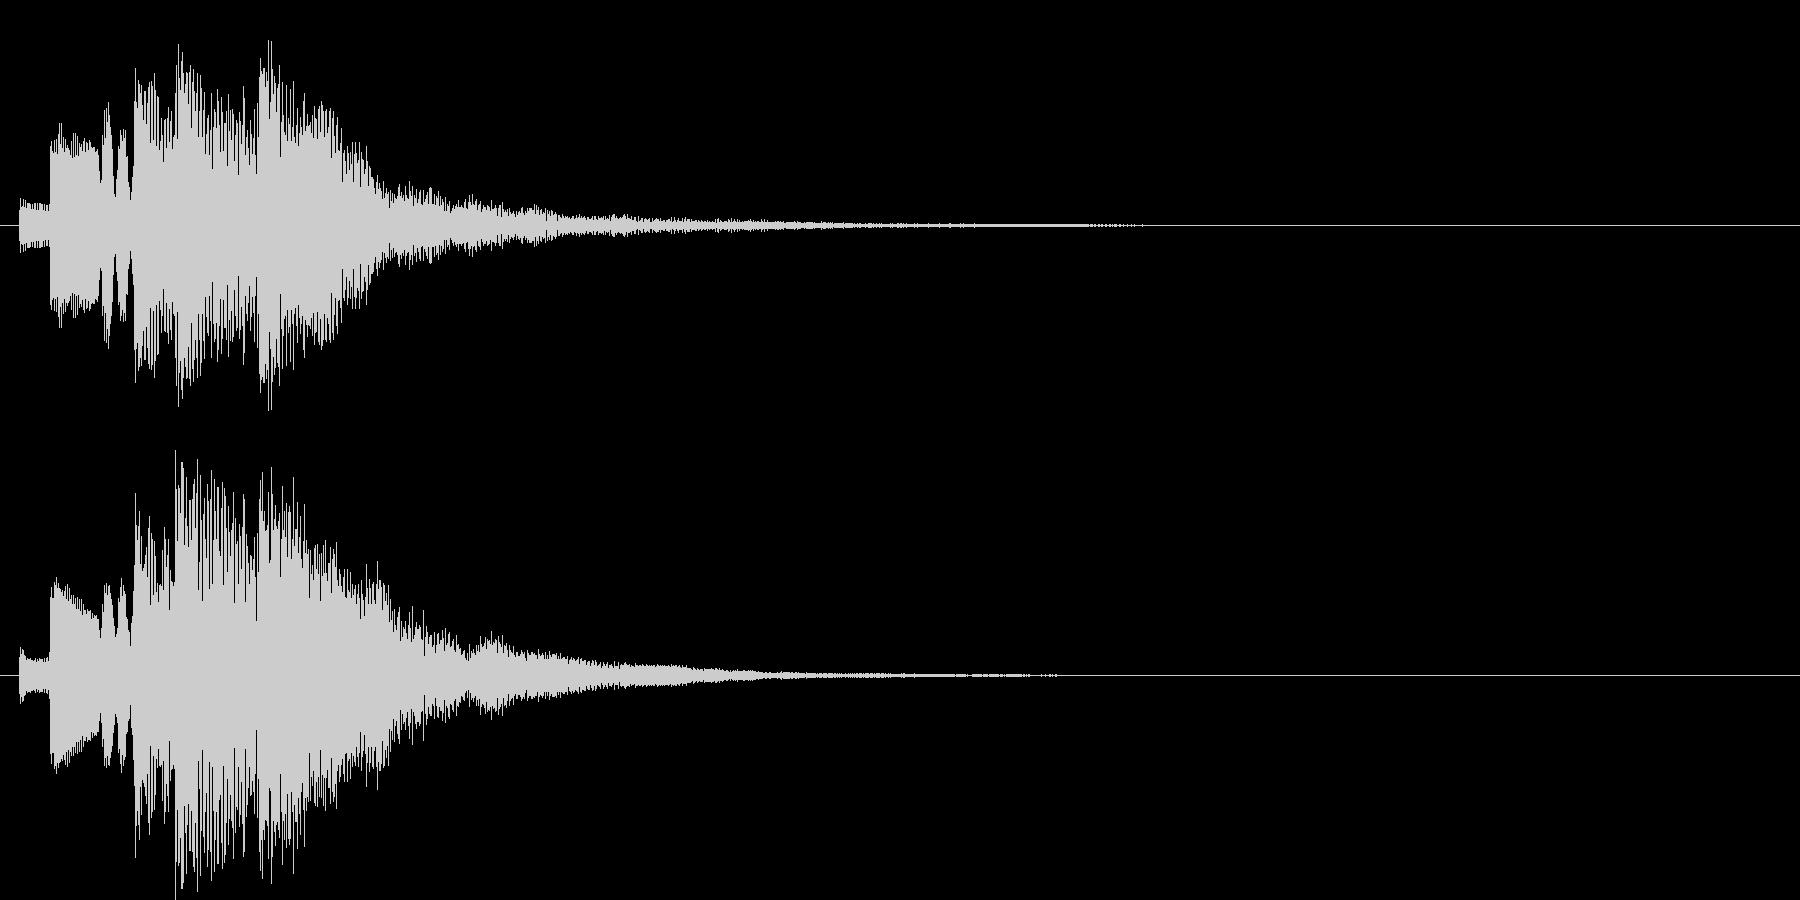 アラーム音12 ハープ(maj7)の未再生の波形